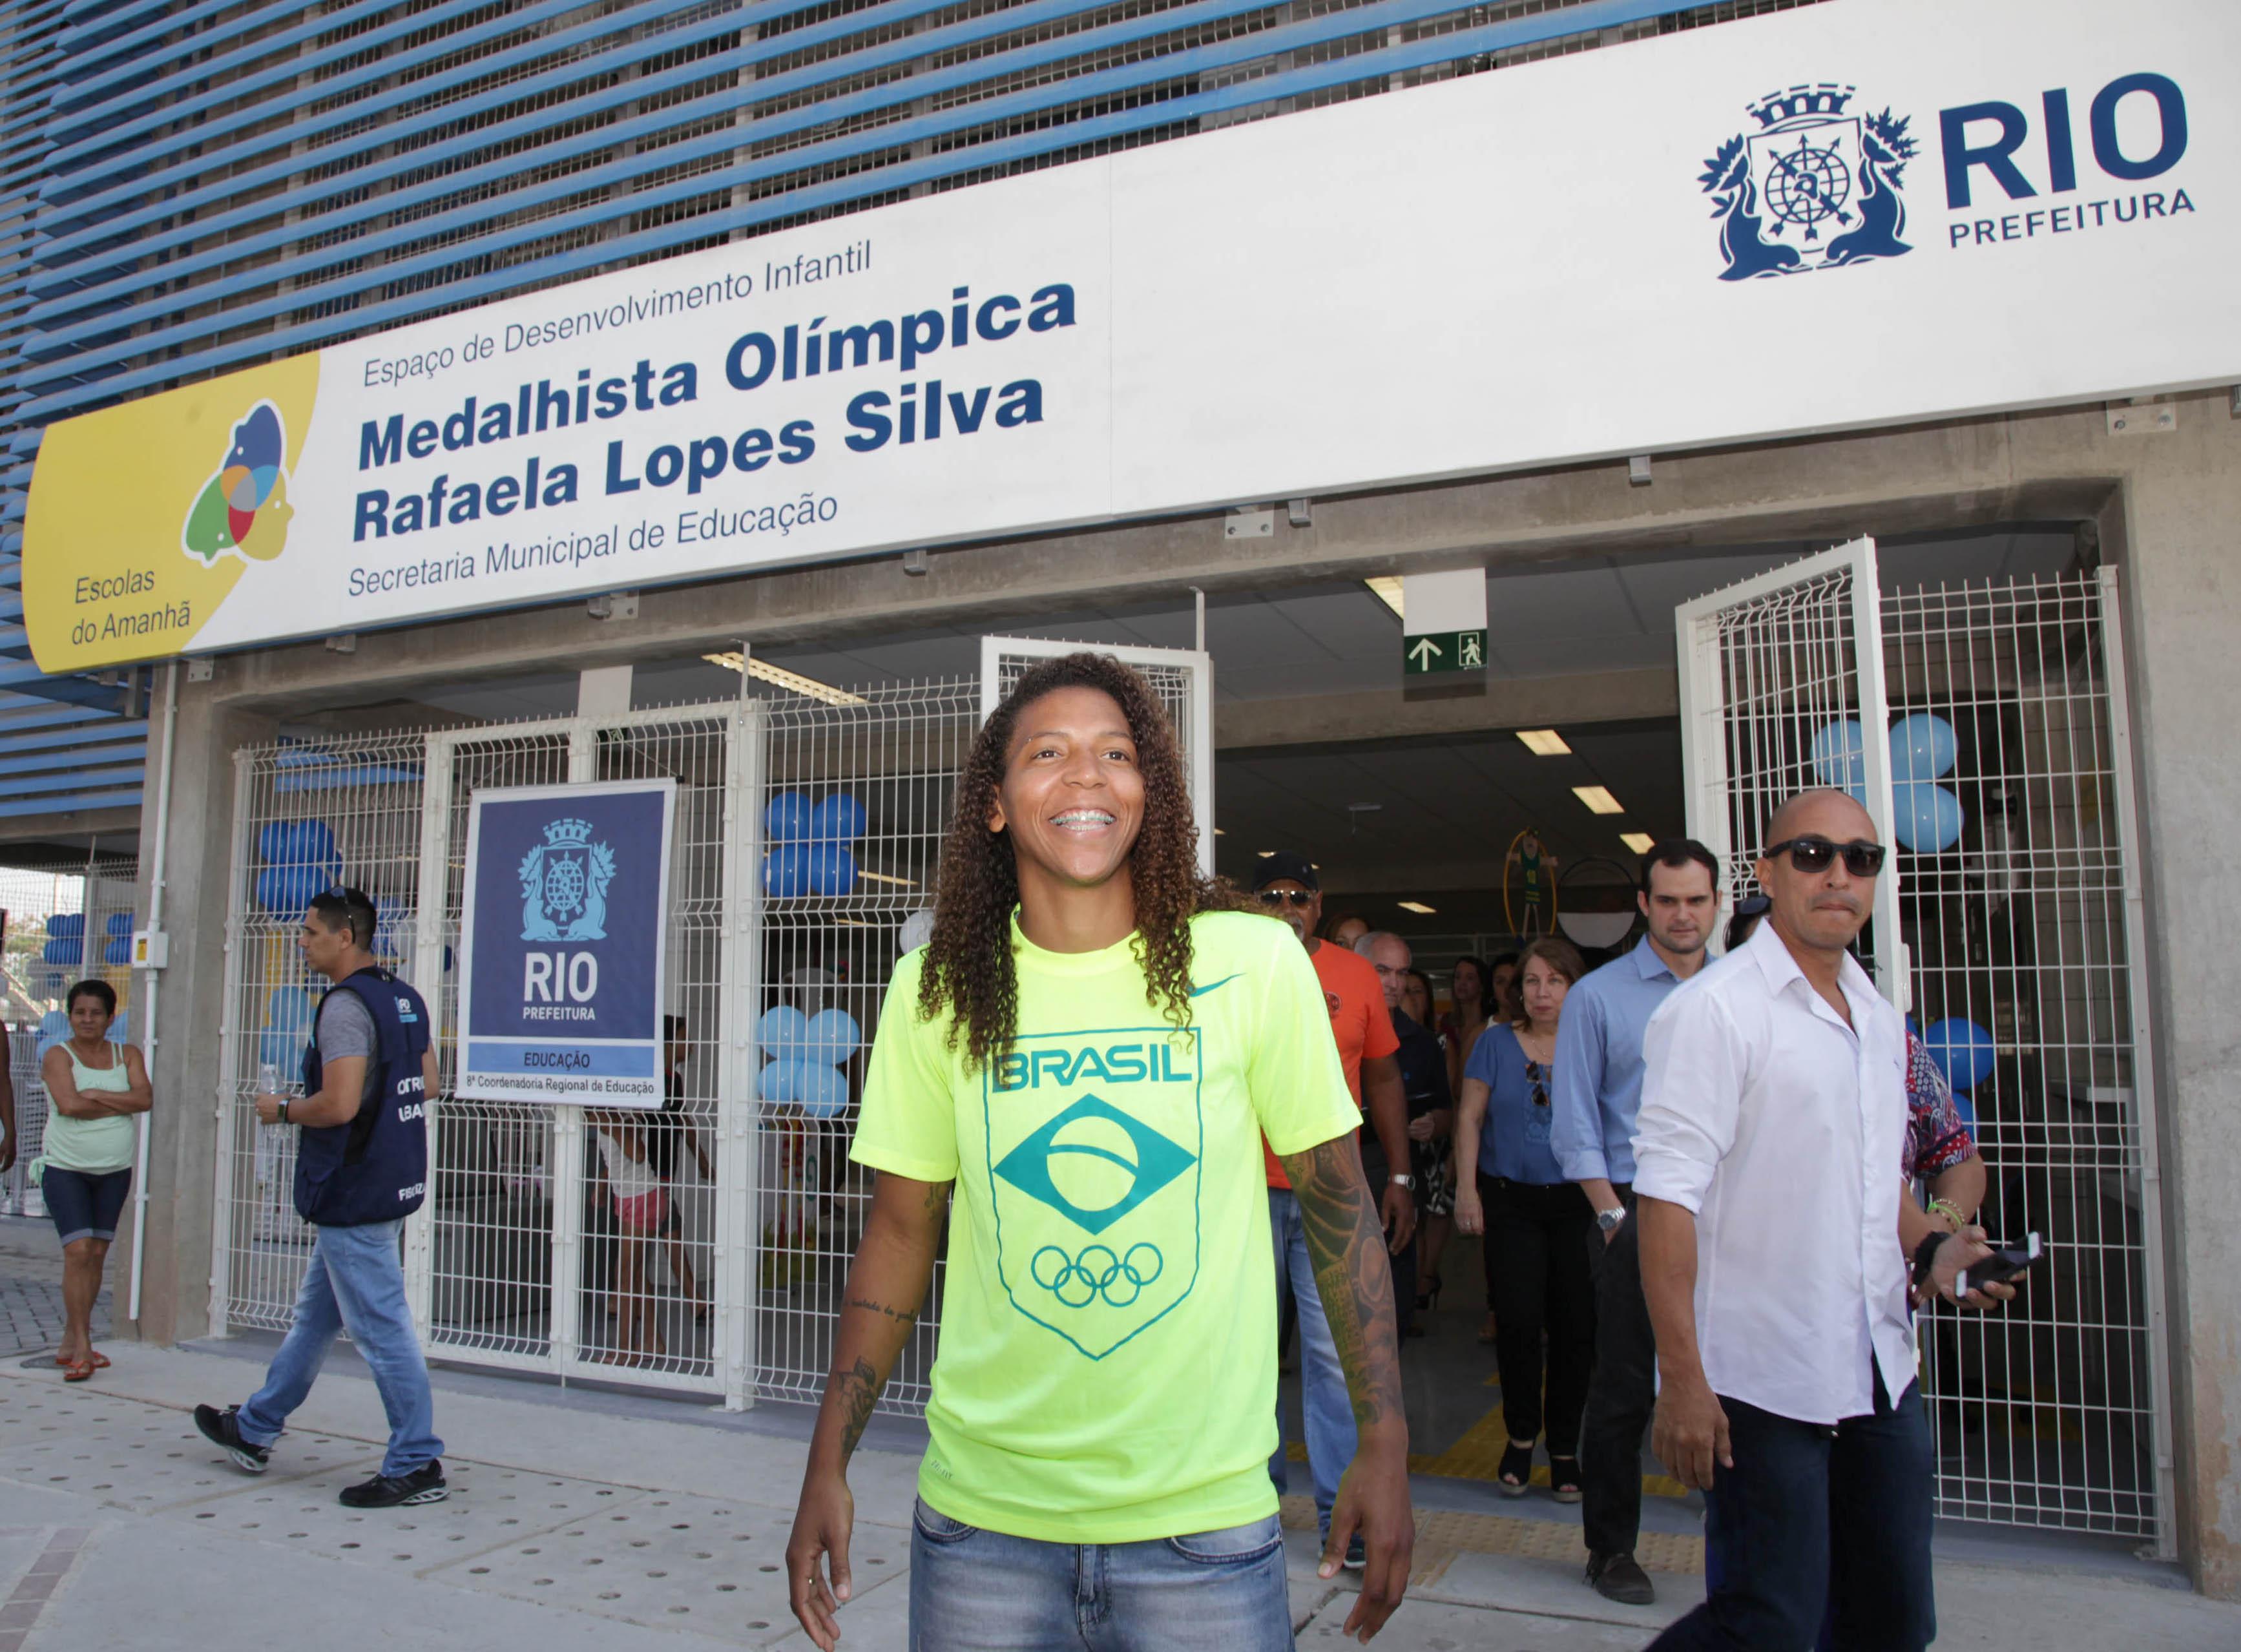 Escola em Magalhães Bastos recebe o nome da medalhista olímpica Rafaela Lopes Silva